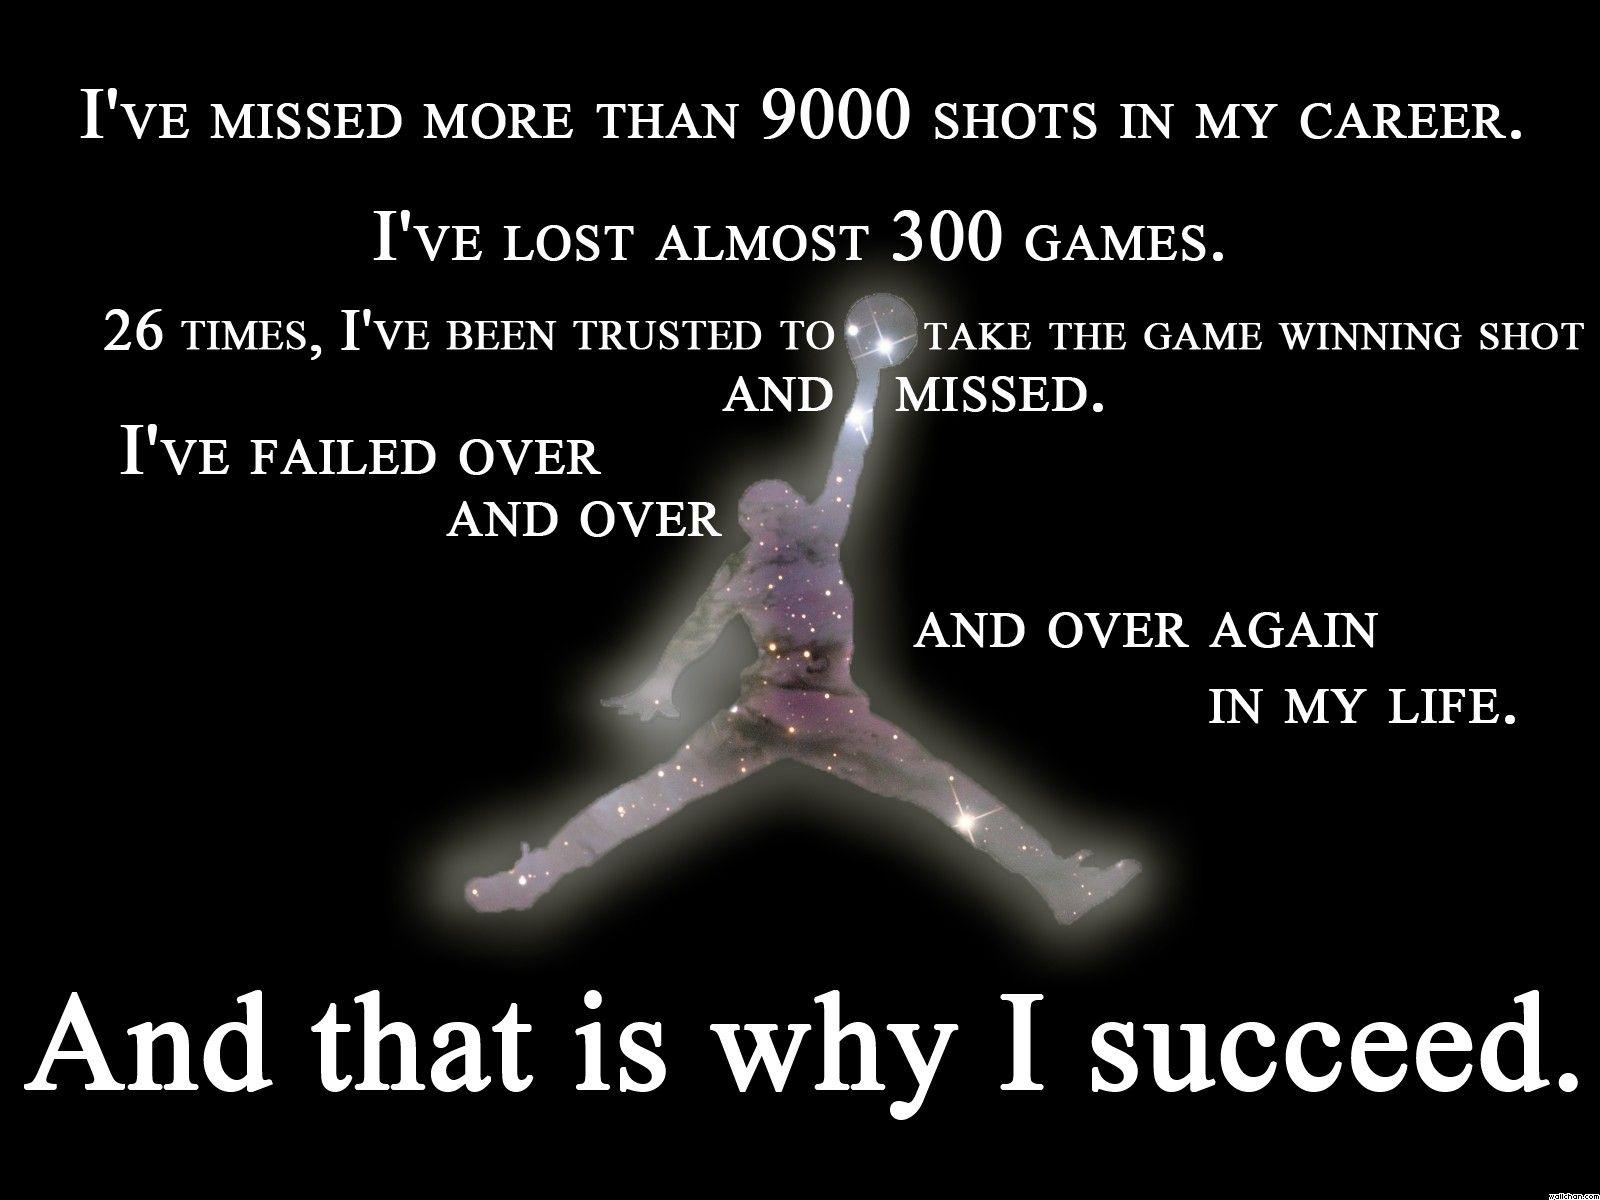 Michael Jordan Famous Quotes Michaeljordan 's Most Famous Quote  Motivation  Mindset